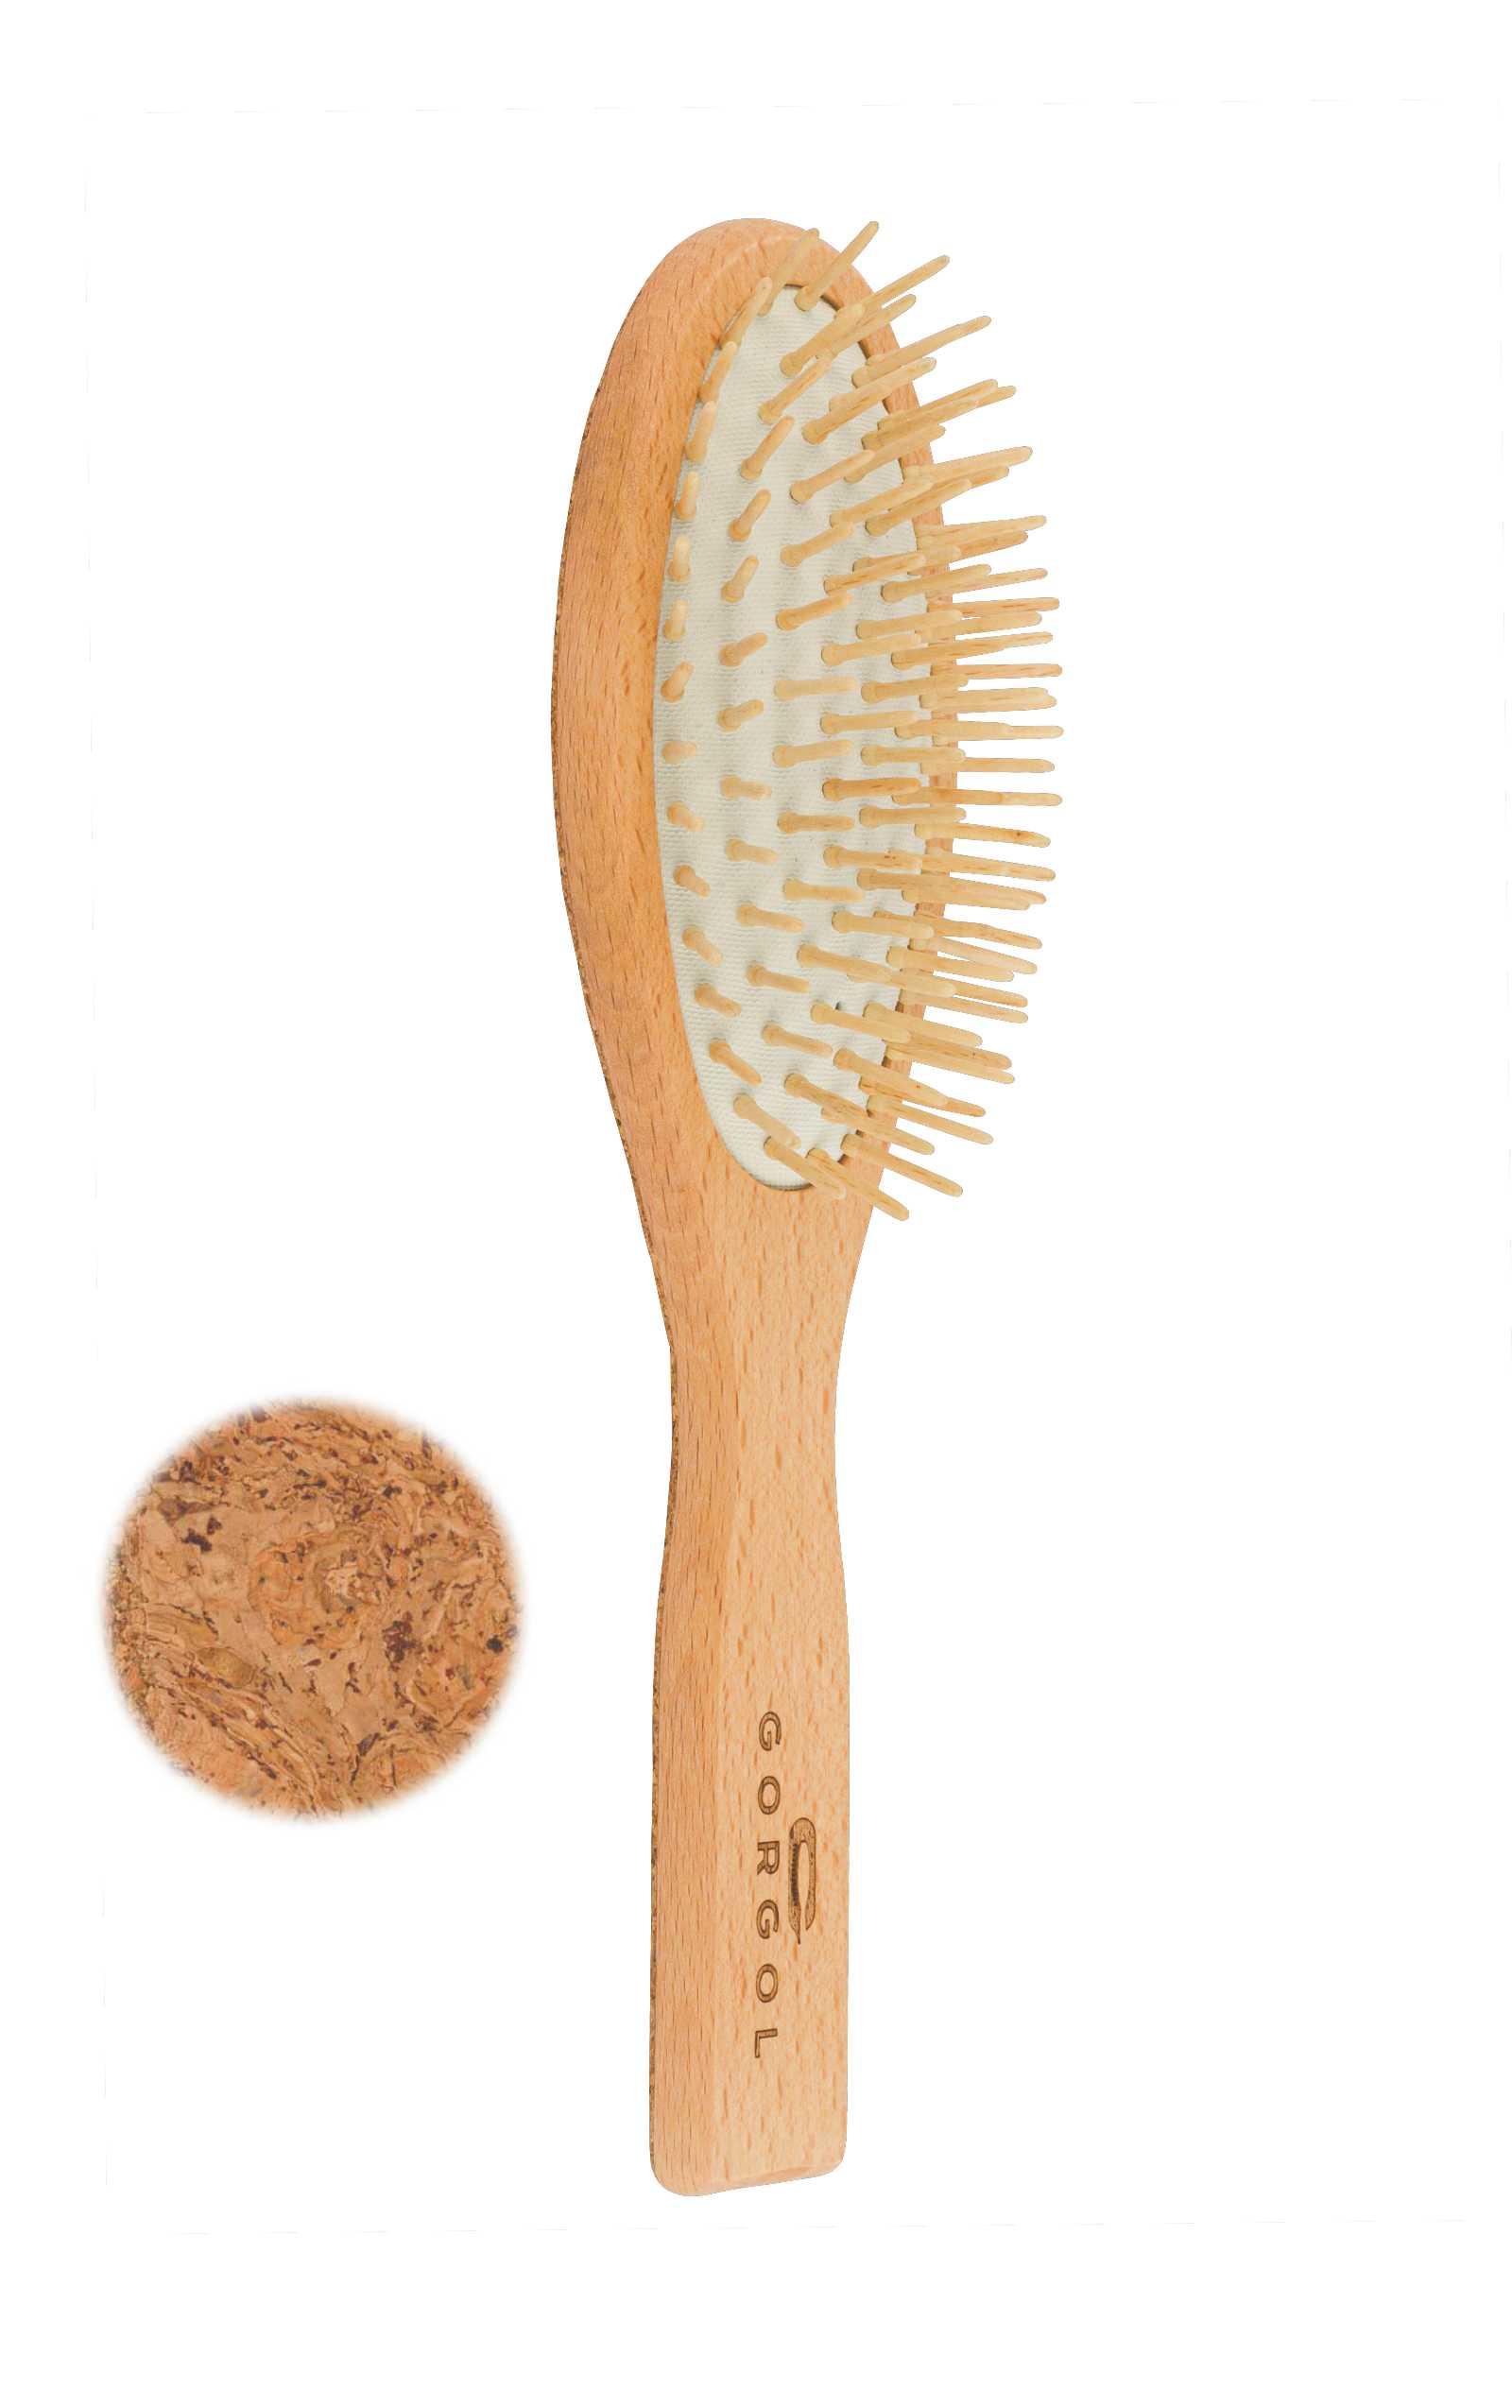 Szczotka z drewnianą szpilką - korkowa